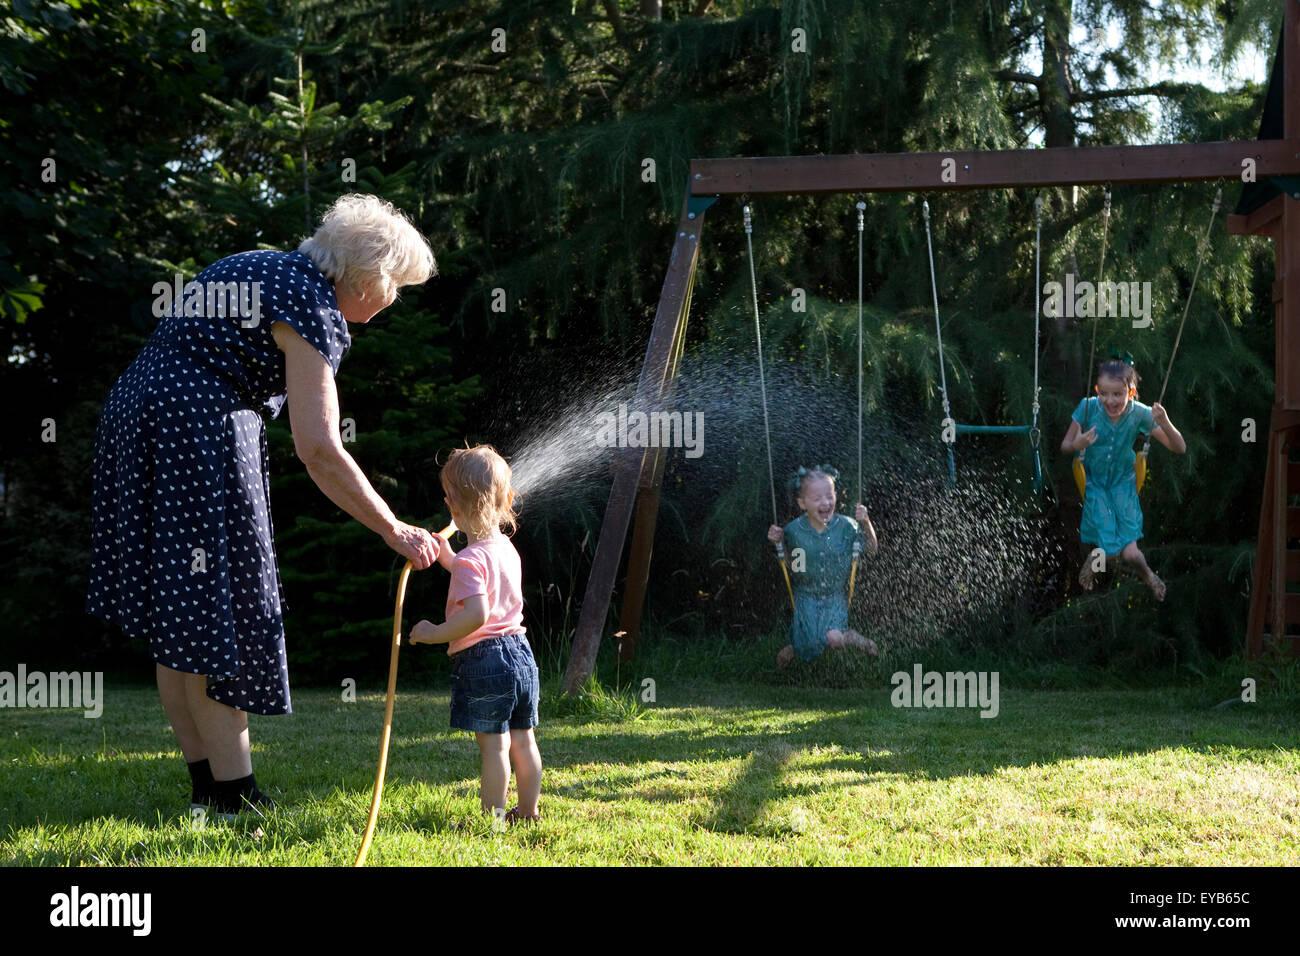 Familie mit Wasserschlauch im Sommer im Garten spielen. Stockbild